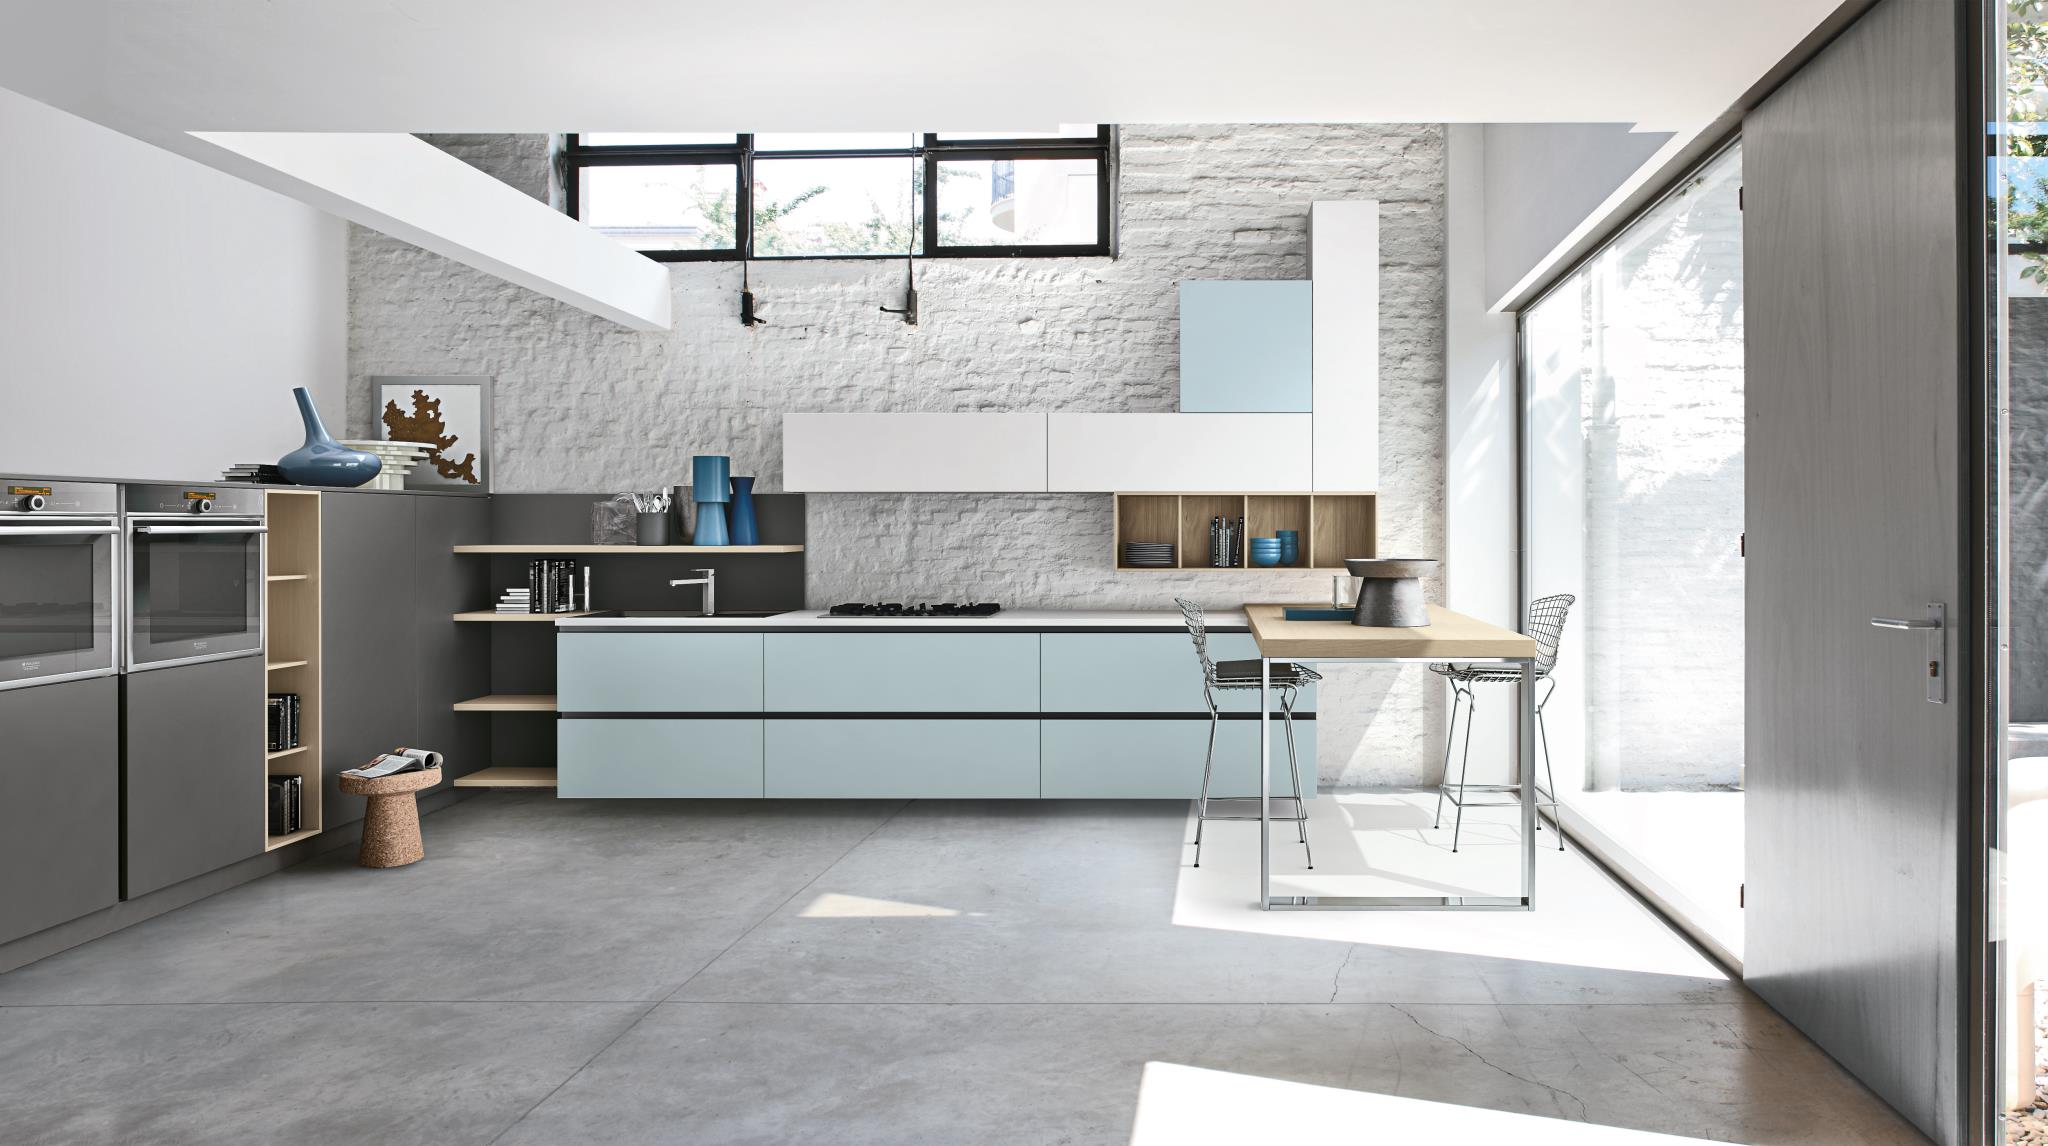 Interni Moderni Cucine : Interni dautore arredamenti u2013 cucina moderna